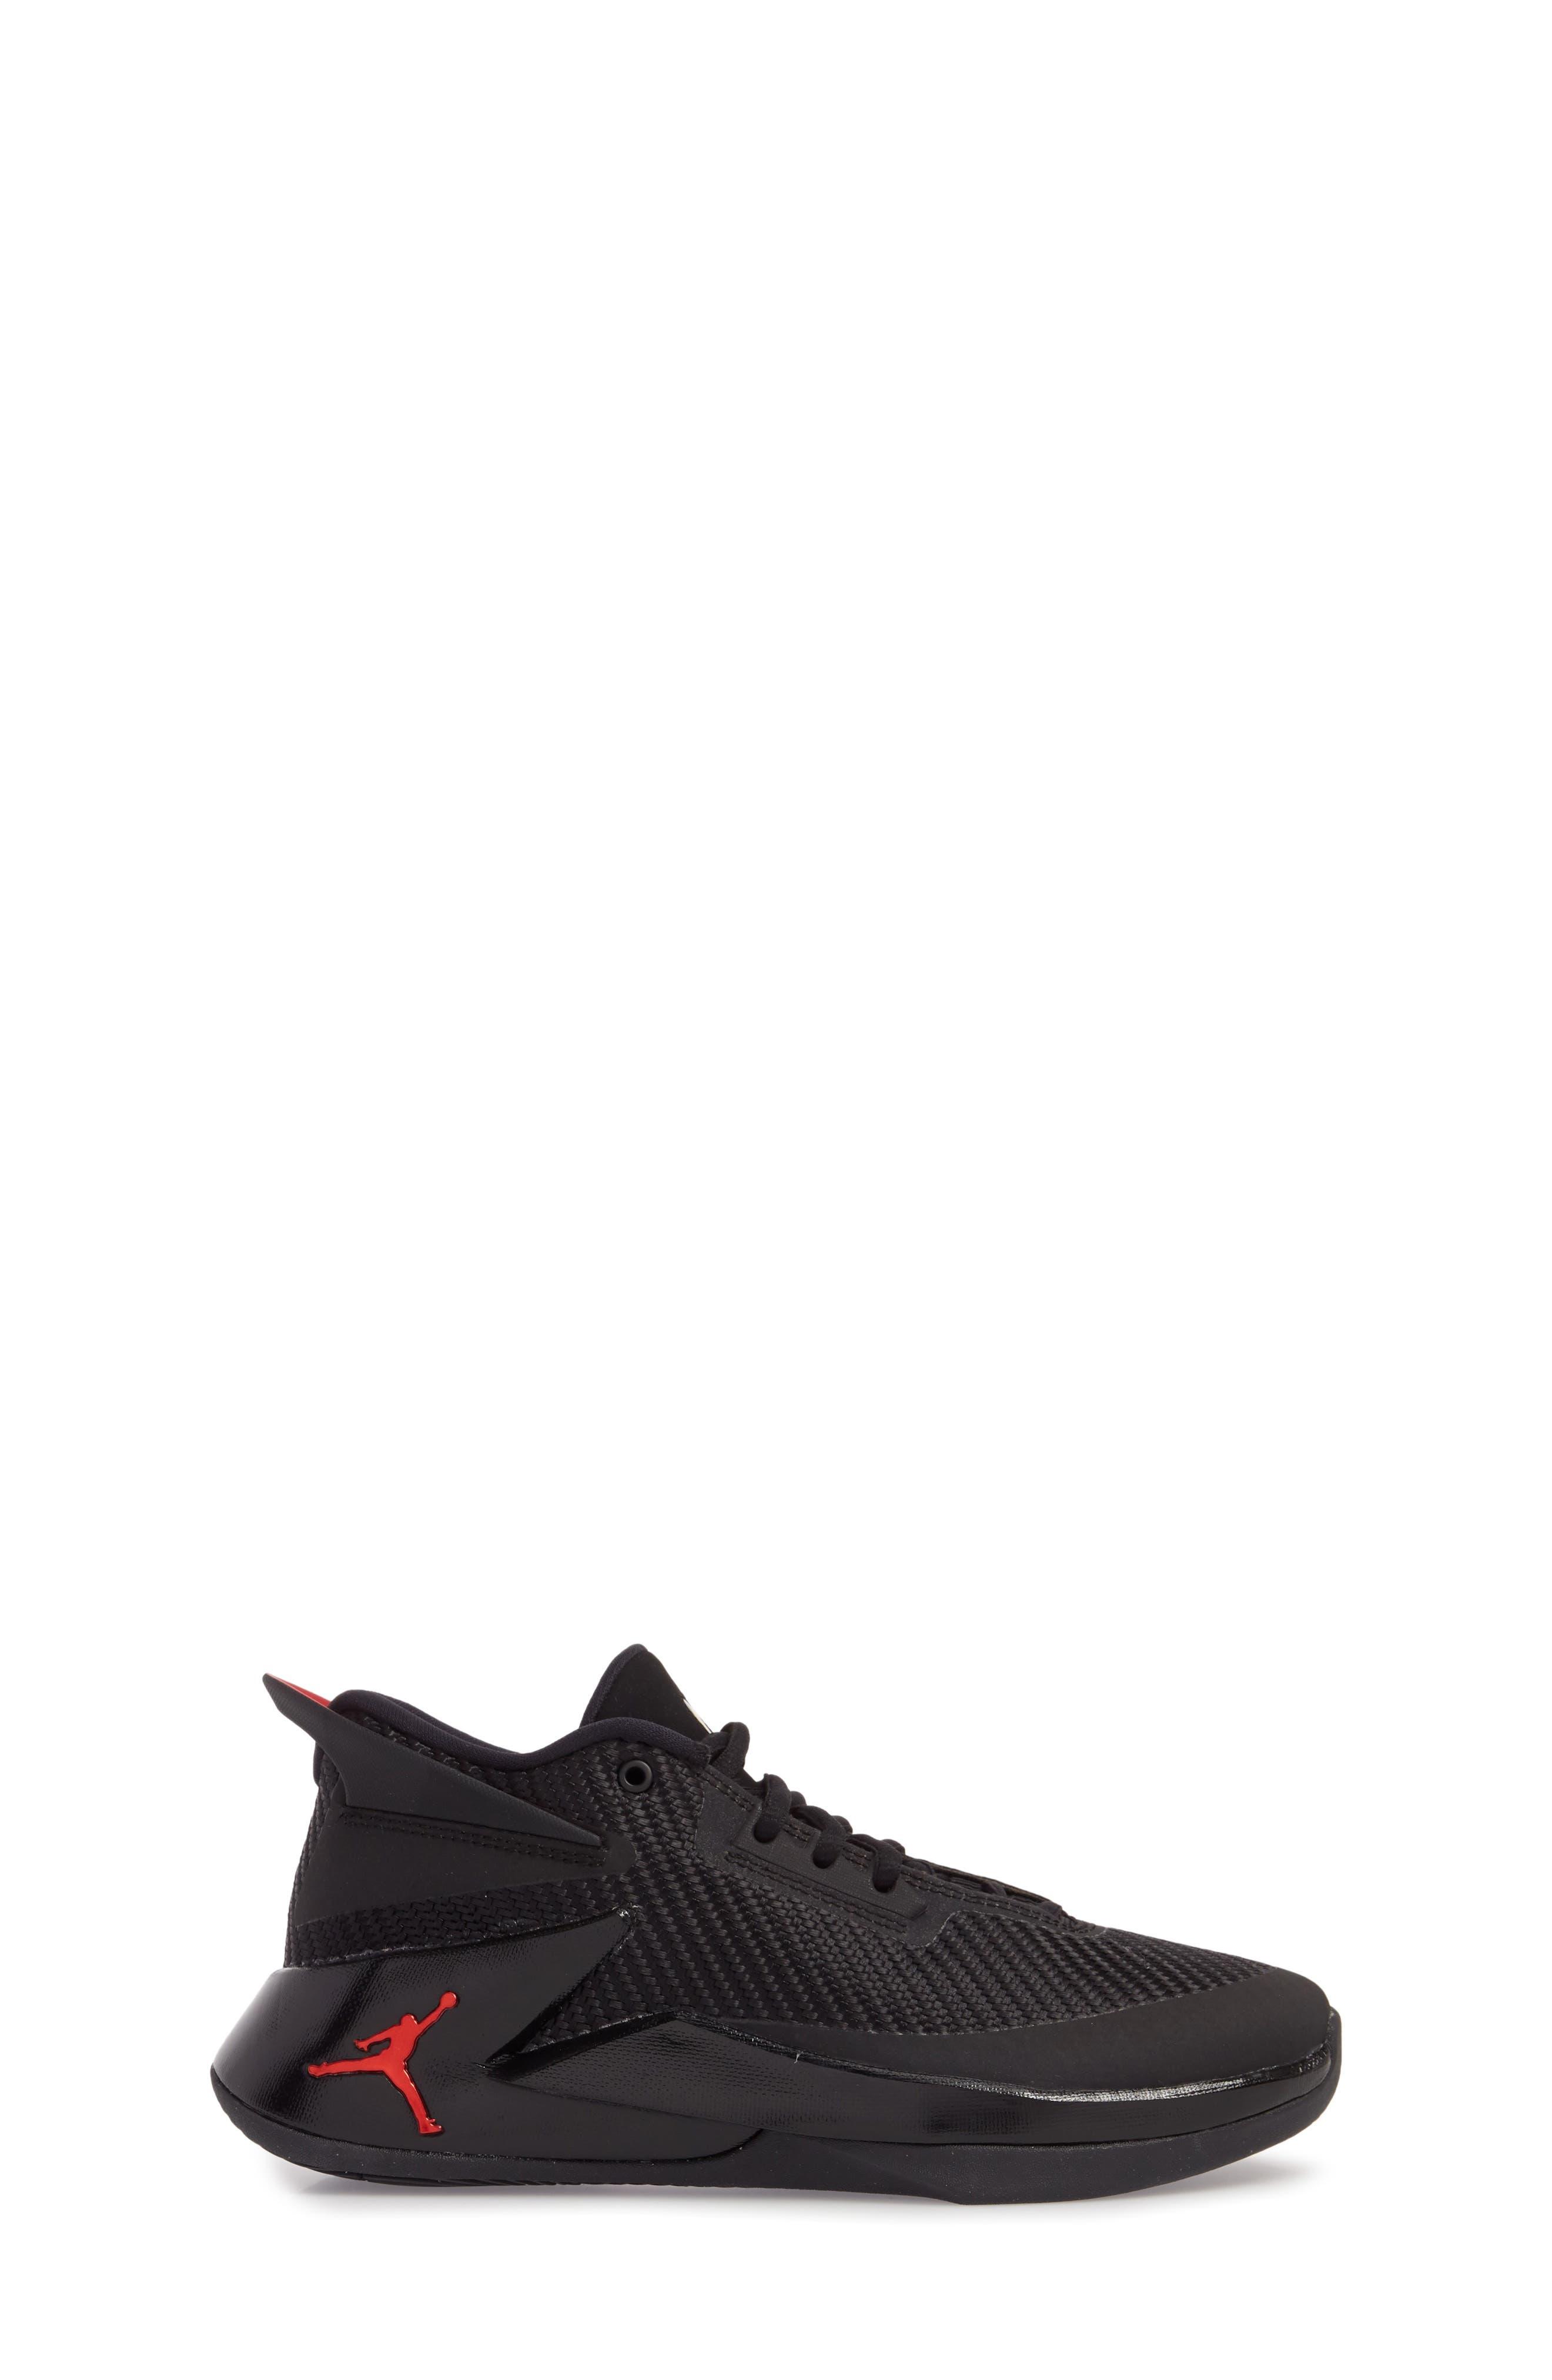 Fly Lockdown Sneaker,                             Alternate thumbnail 6, color,